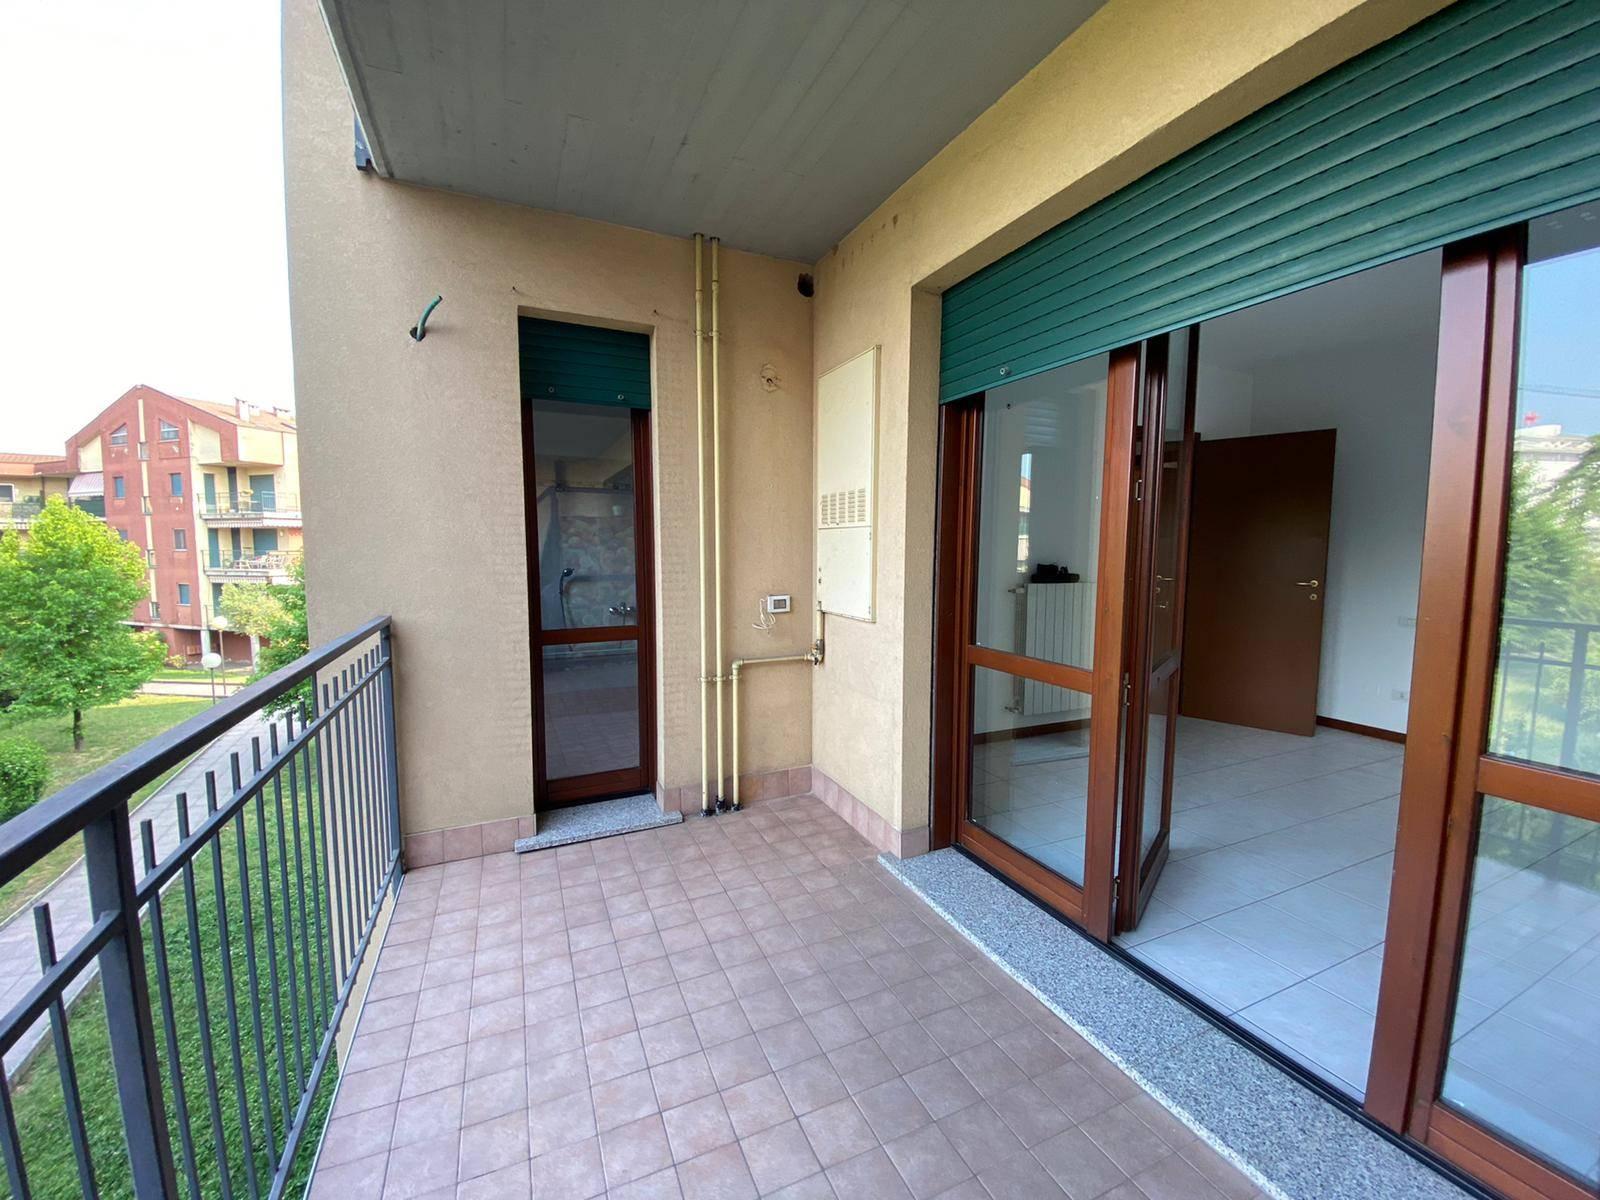 A Osio Sotto nella zona residenziale adiacente alla Clinica San Marco facilmente raggiungibile a piedi, proponiamo un appartamento di due locali oltre servizi e ampio balcone coperto in contesto